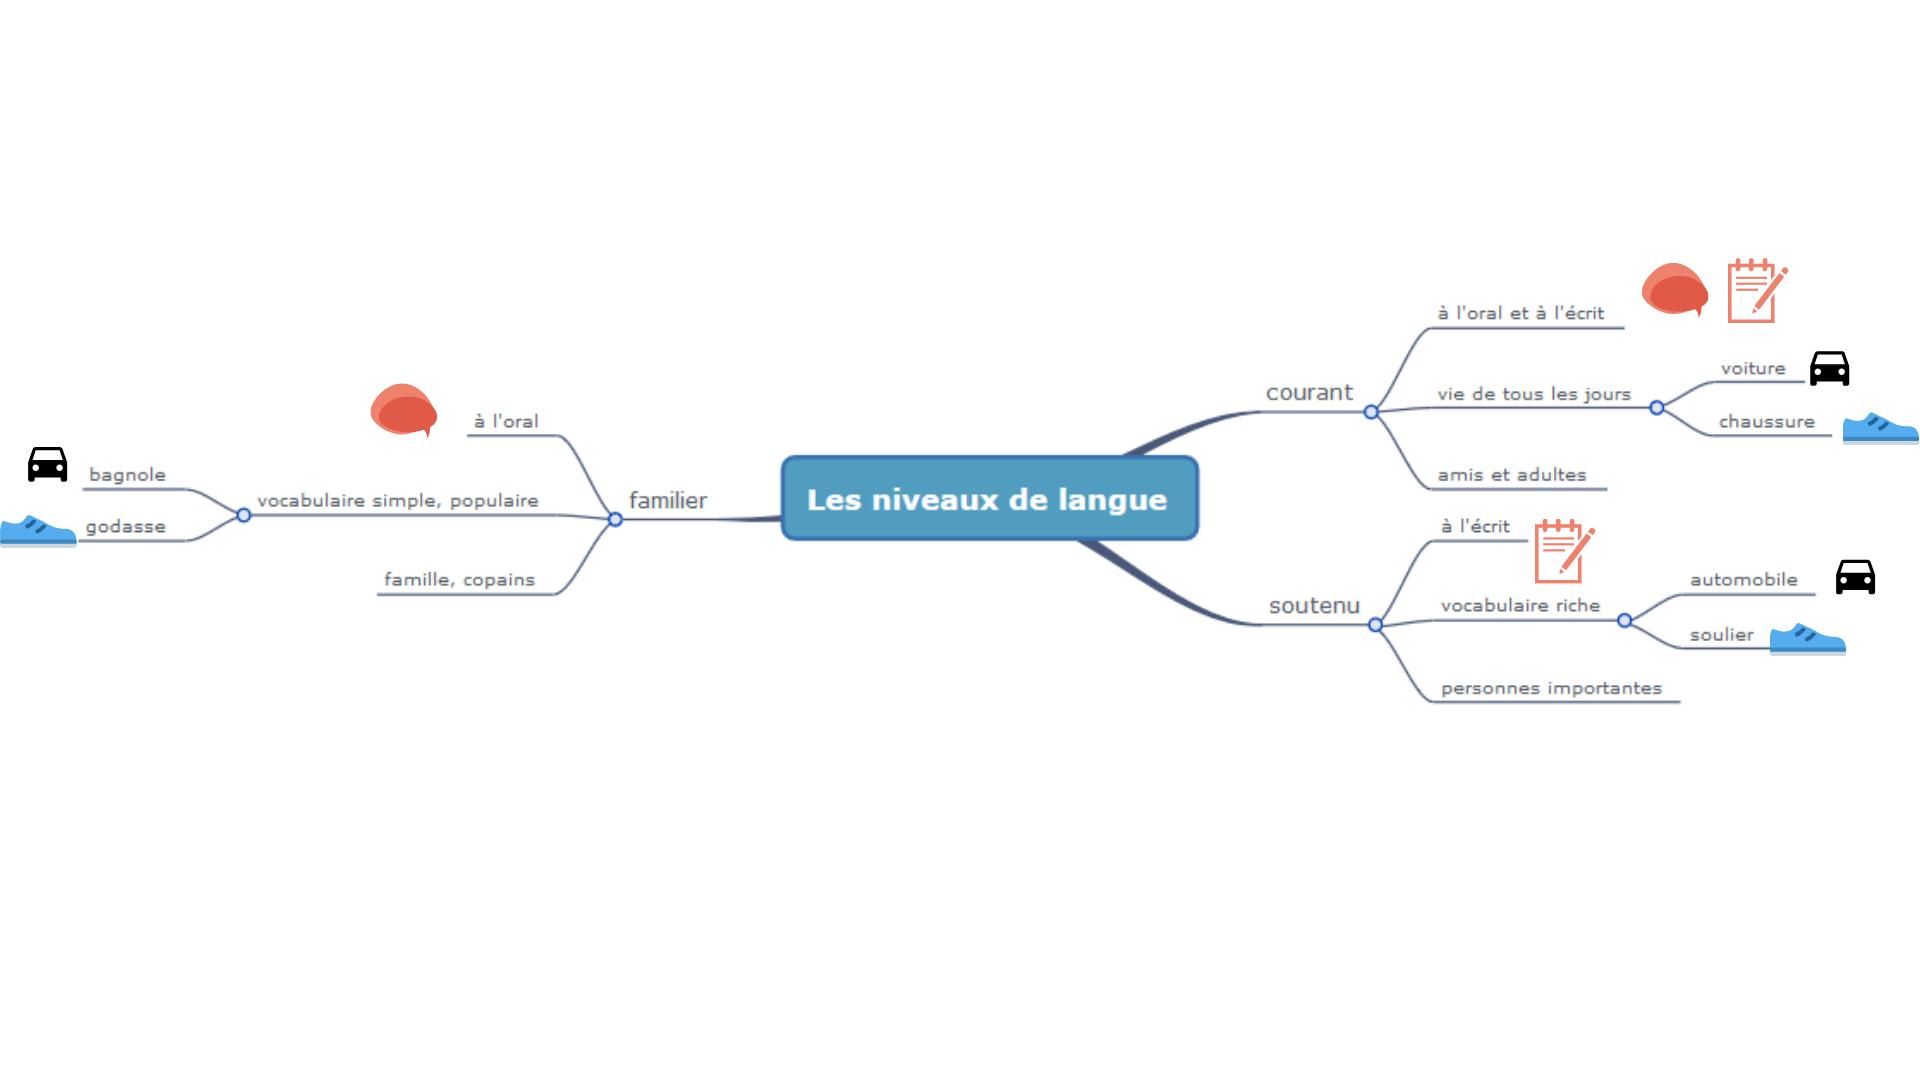 carte mentale des niveaux de langue